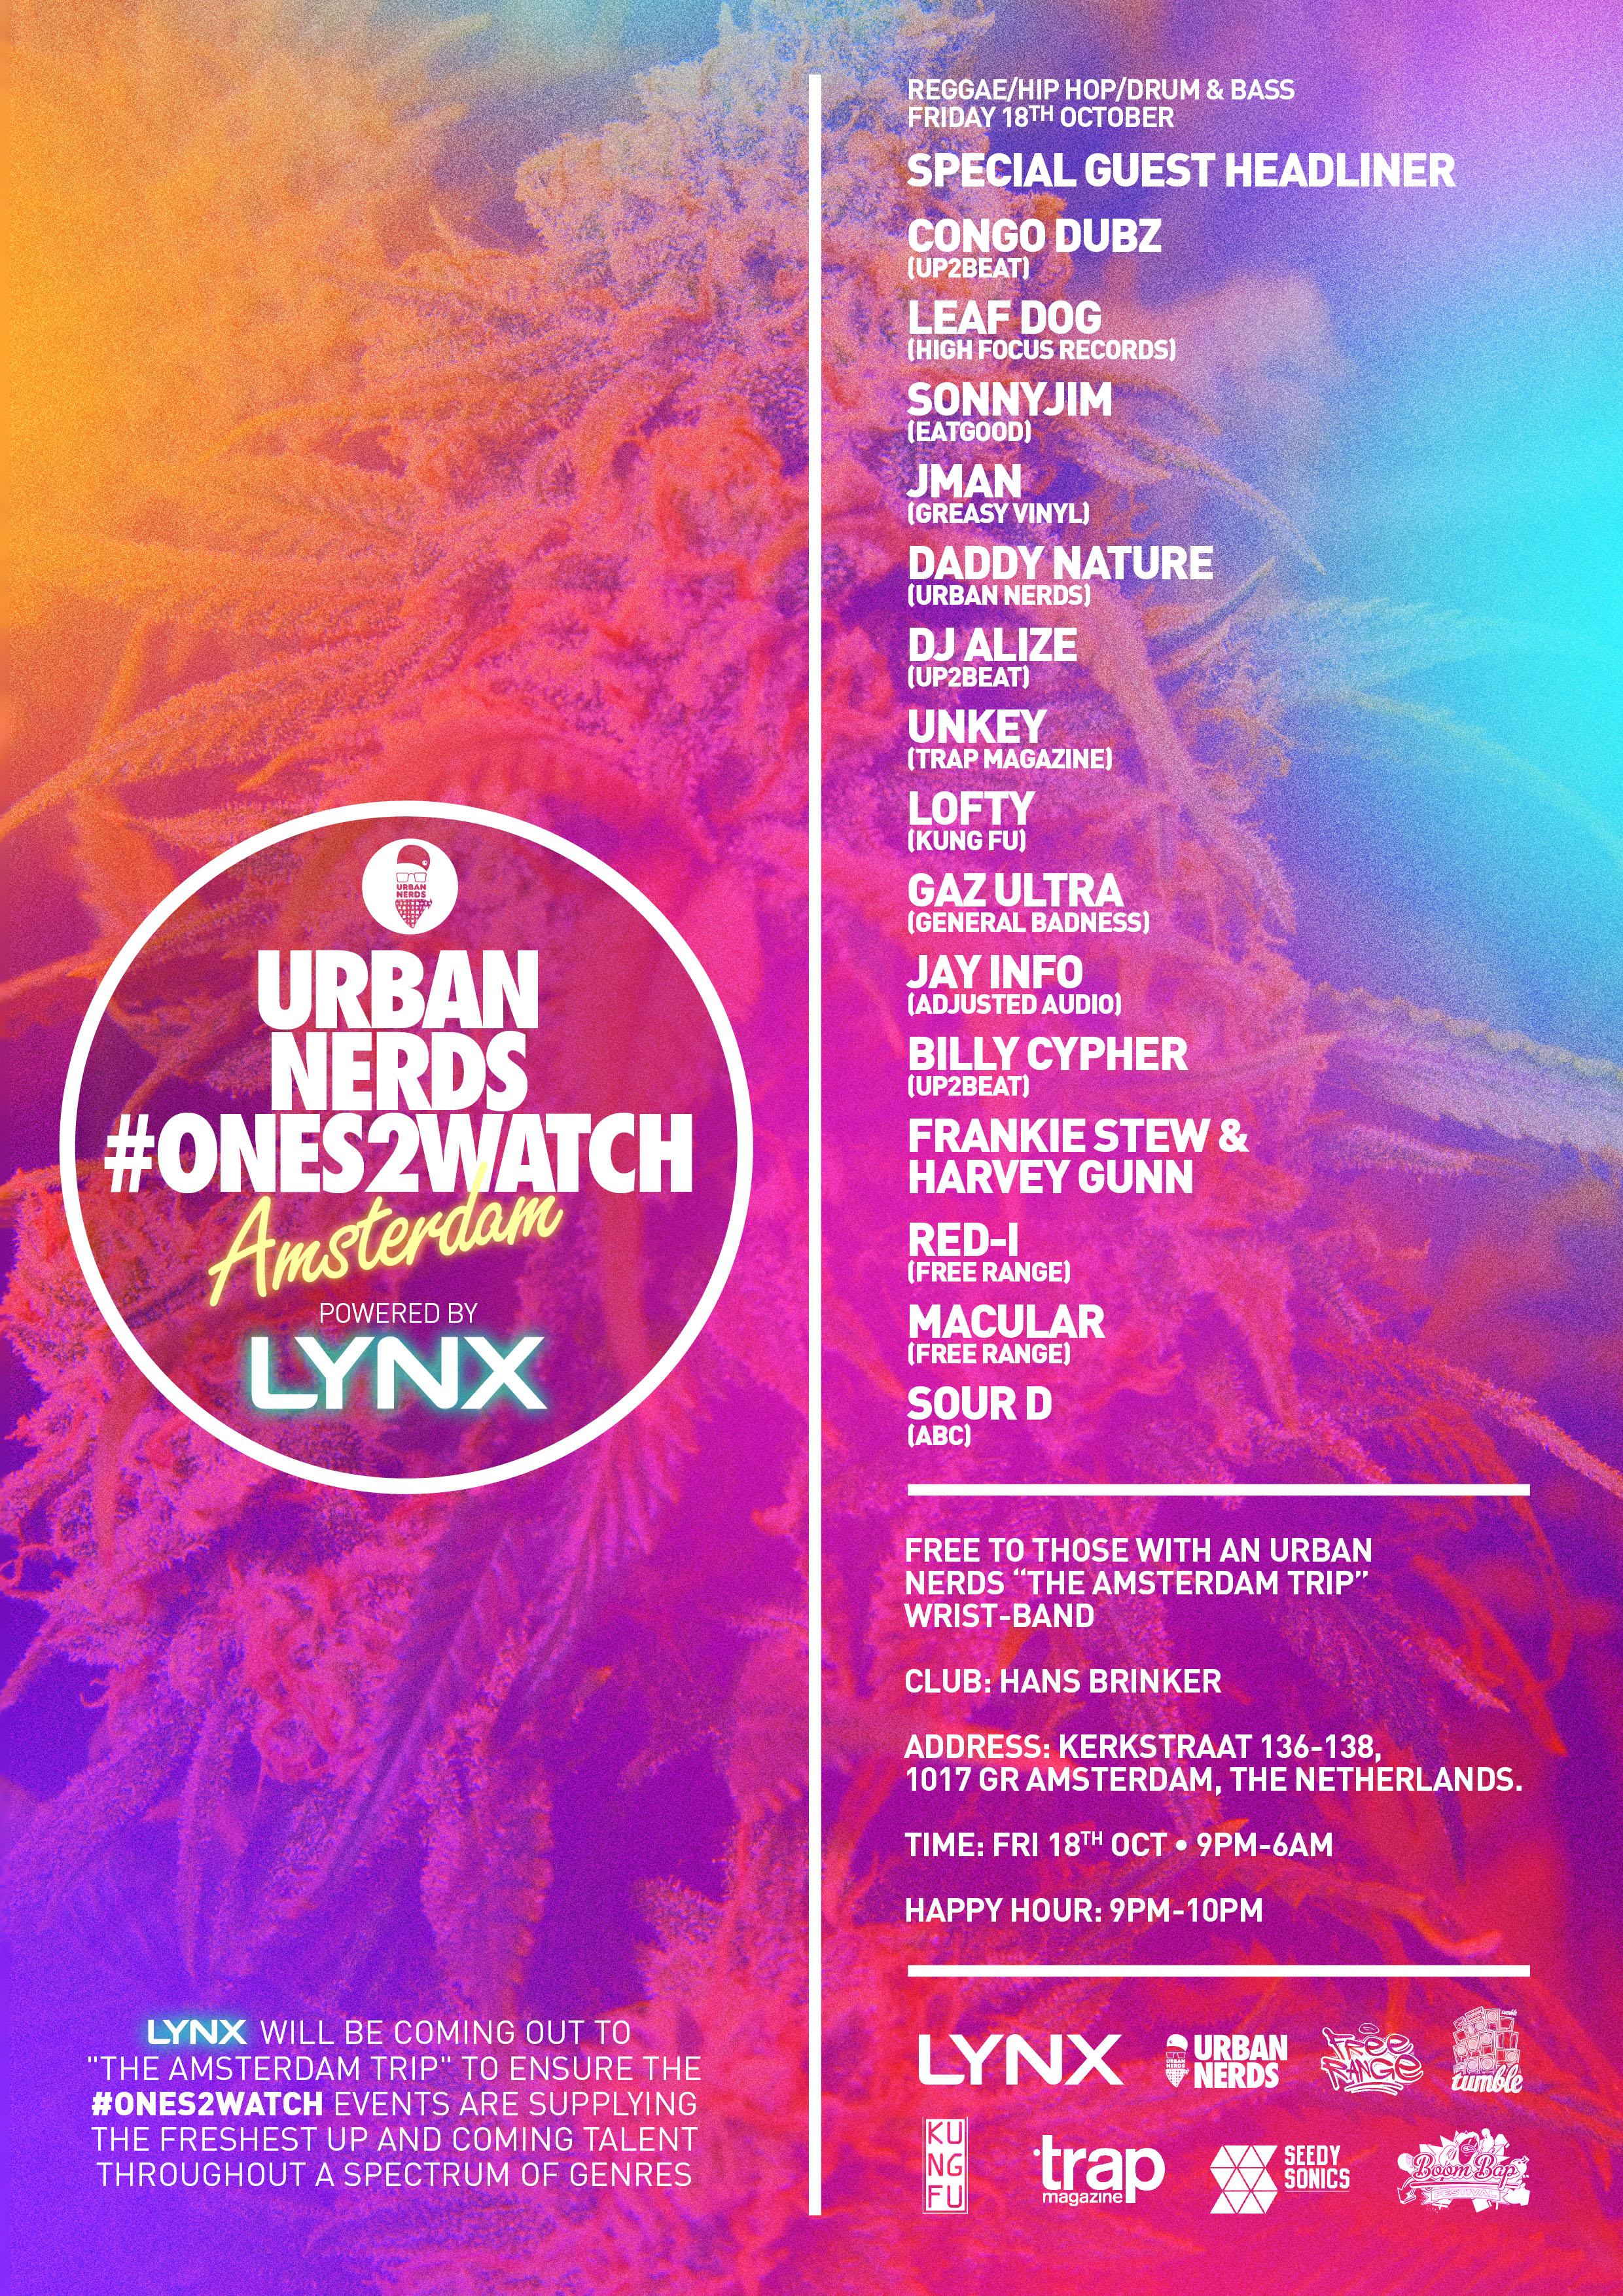 Ones2Watch 18th Oct Amsterdam - Urban Nerds